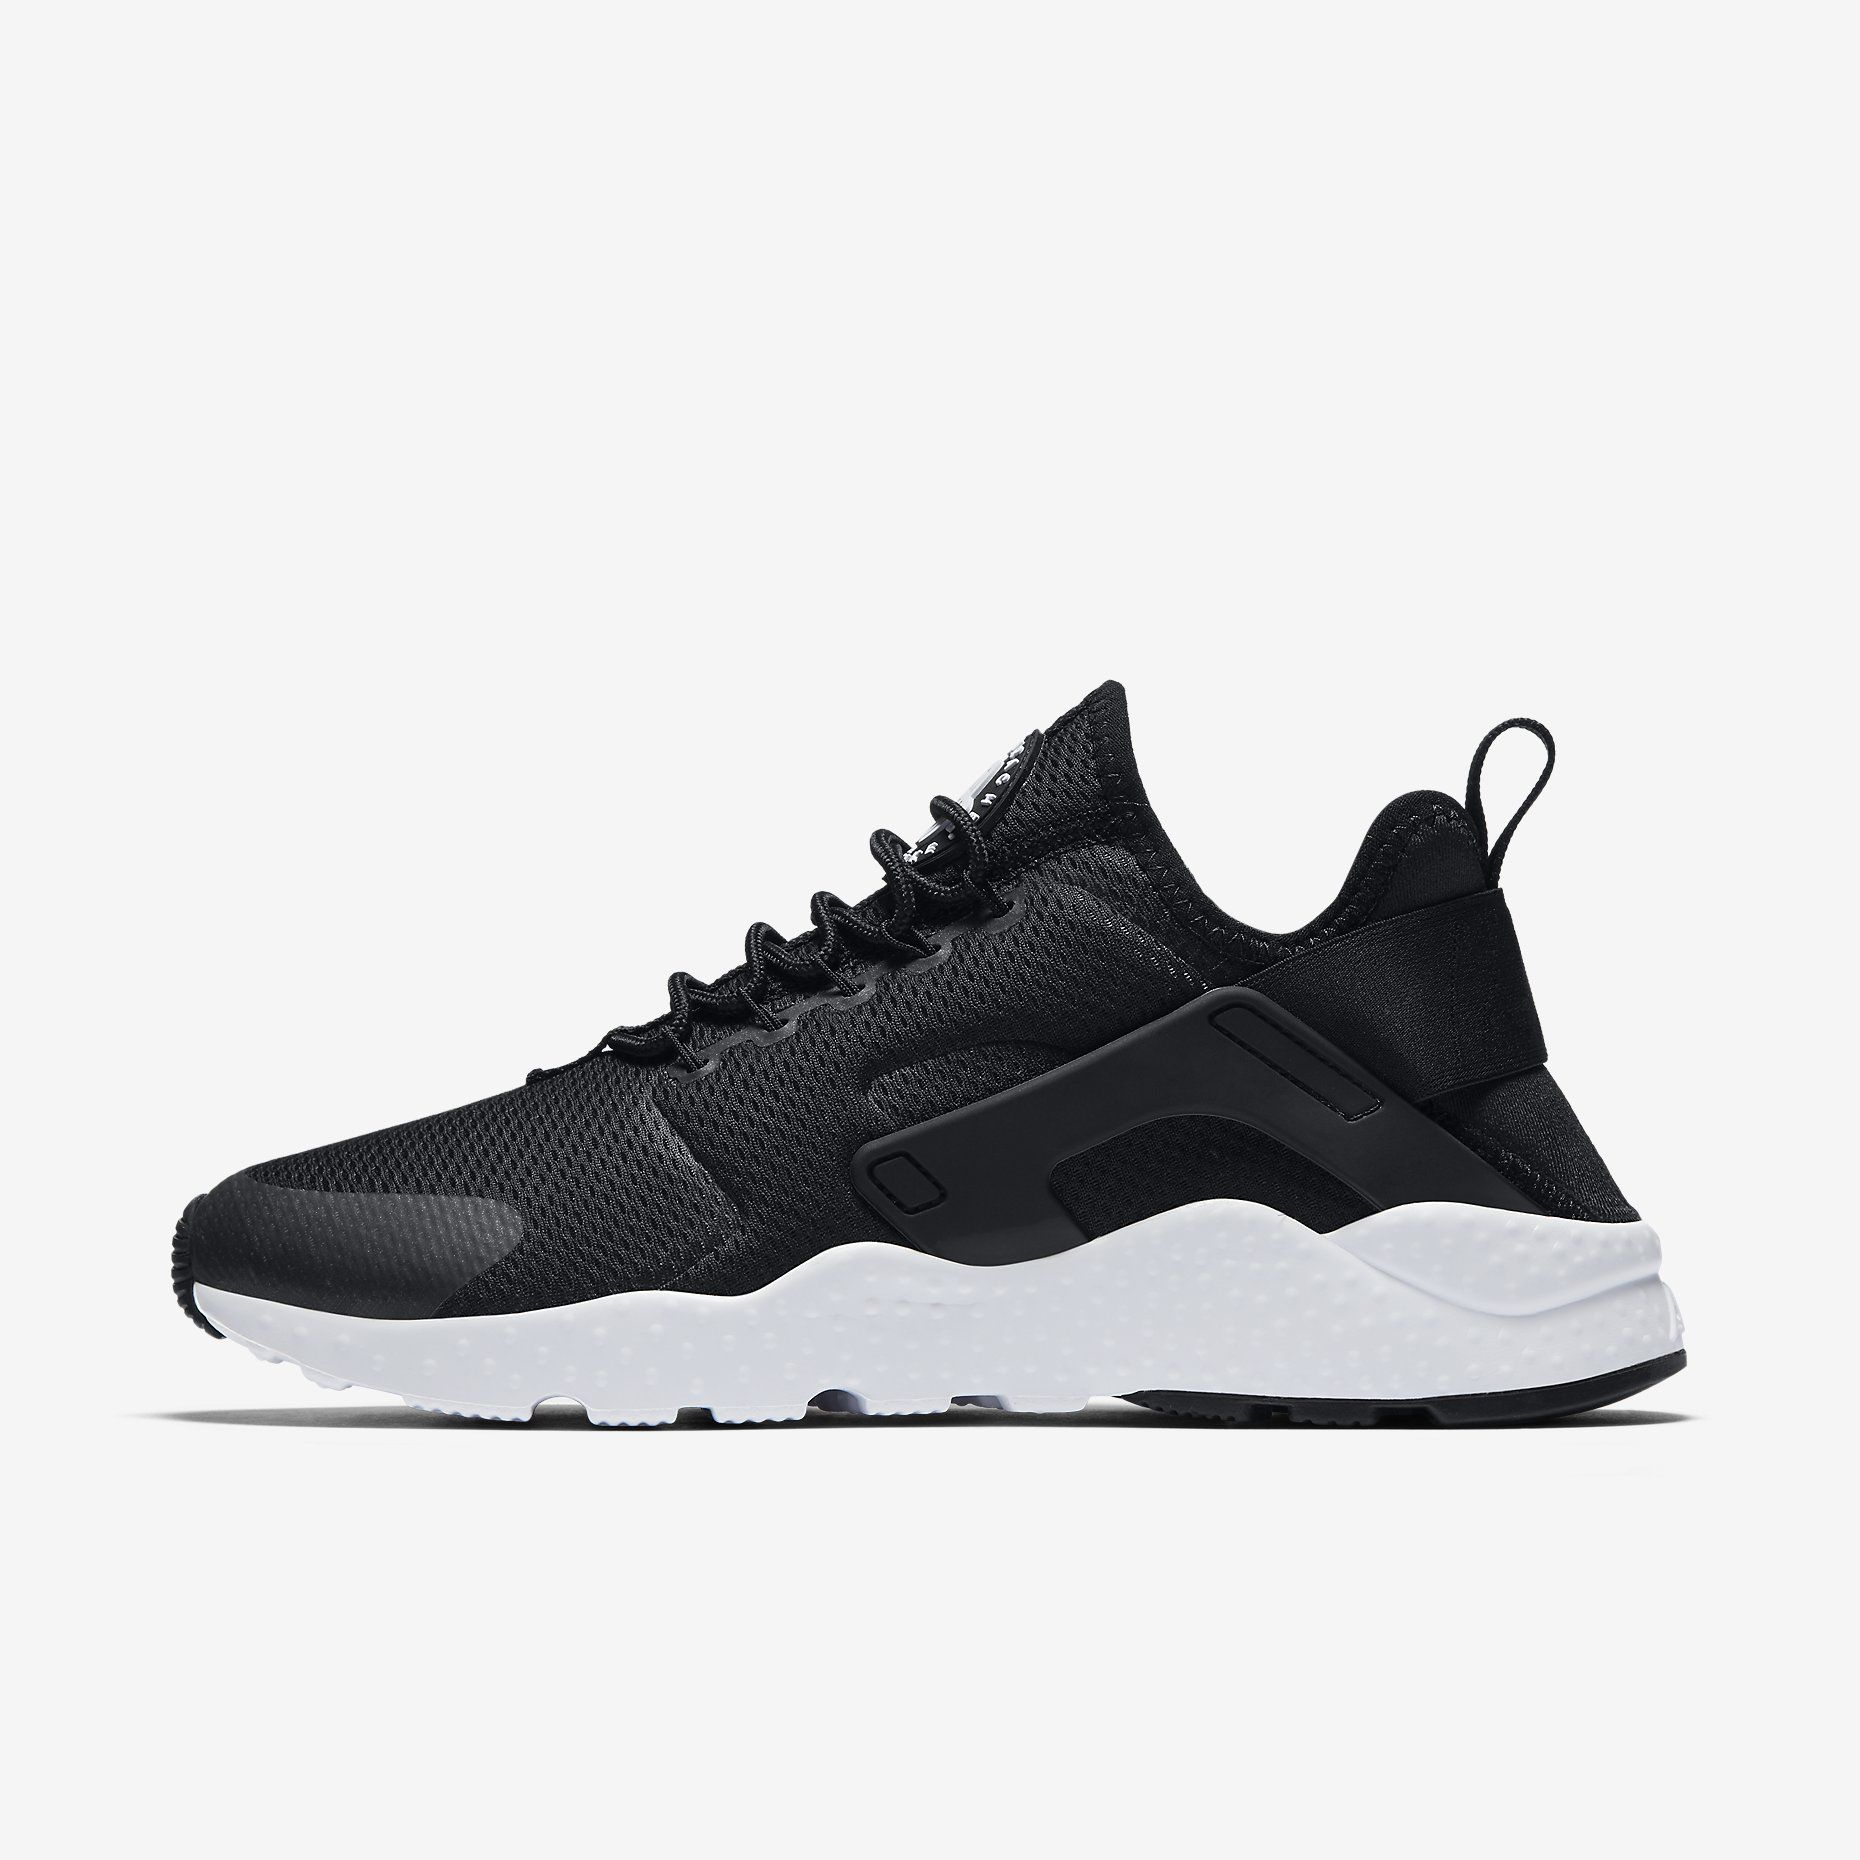 ATumblr SabatillesRoba Nike I Compra Accessoris De lTJFK1c3